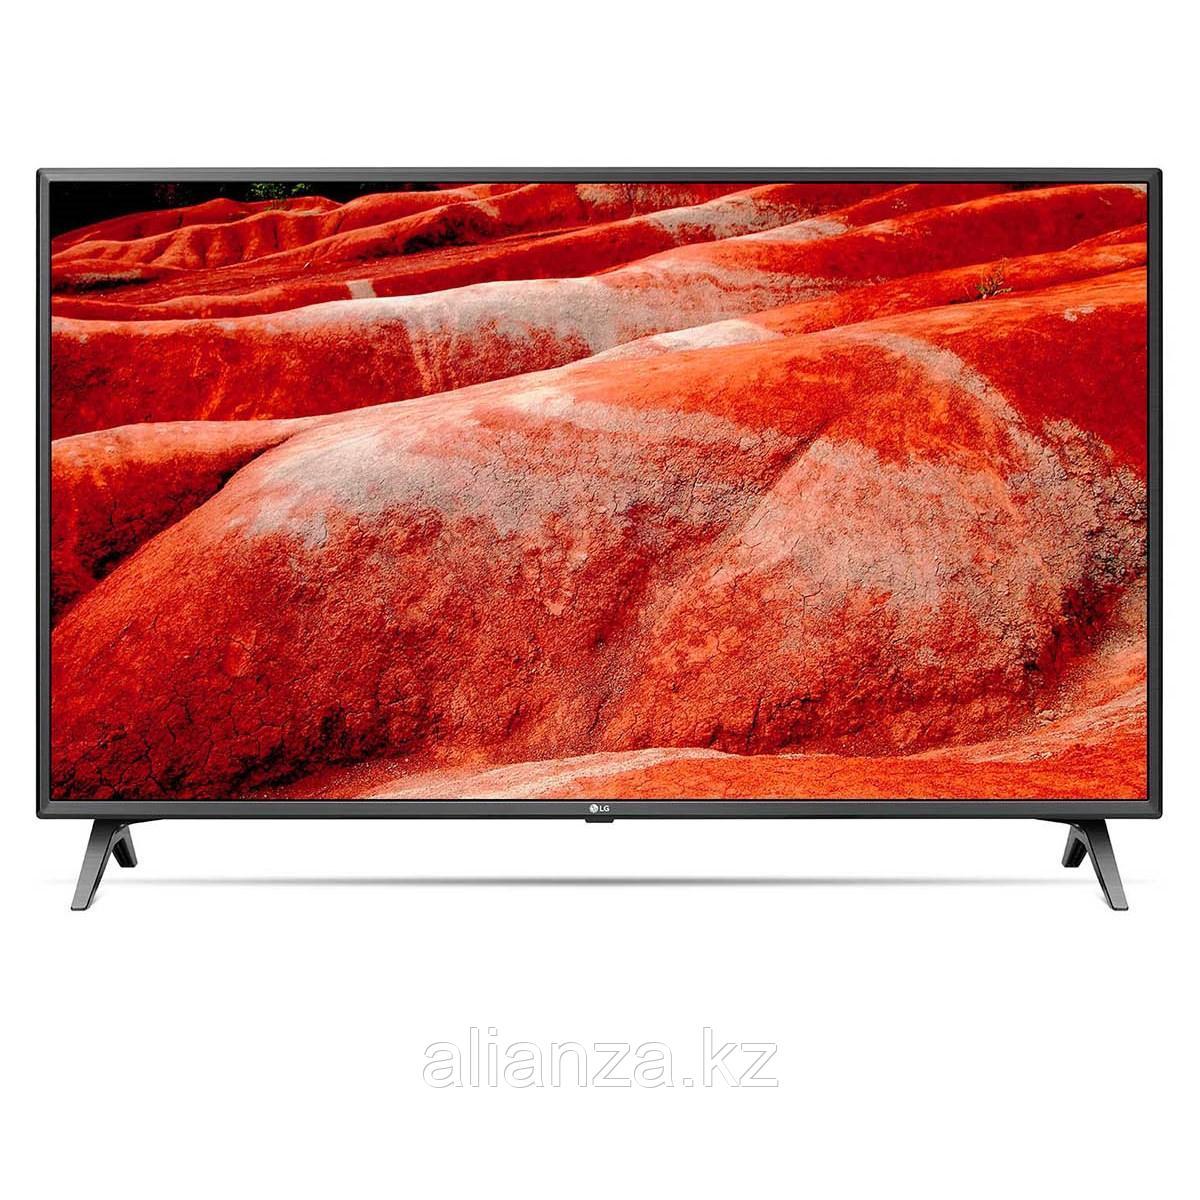 LED телевизор LG 43UM7500 - фото 1